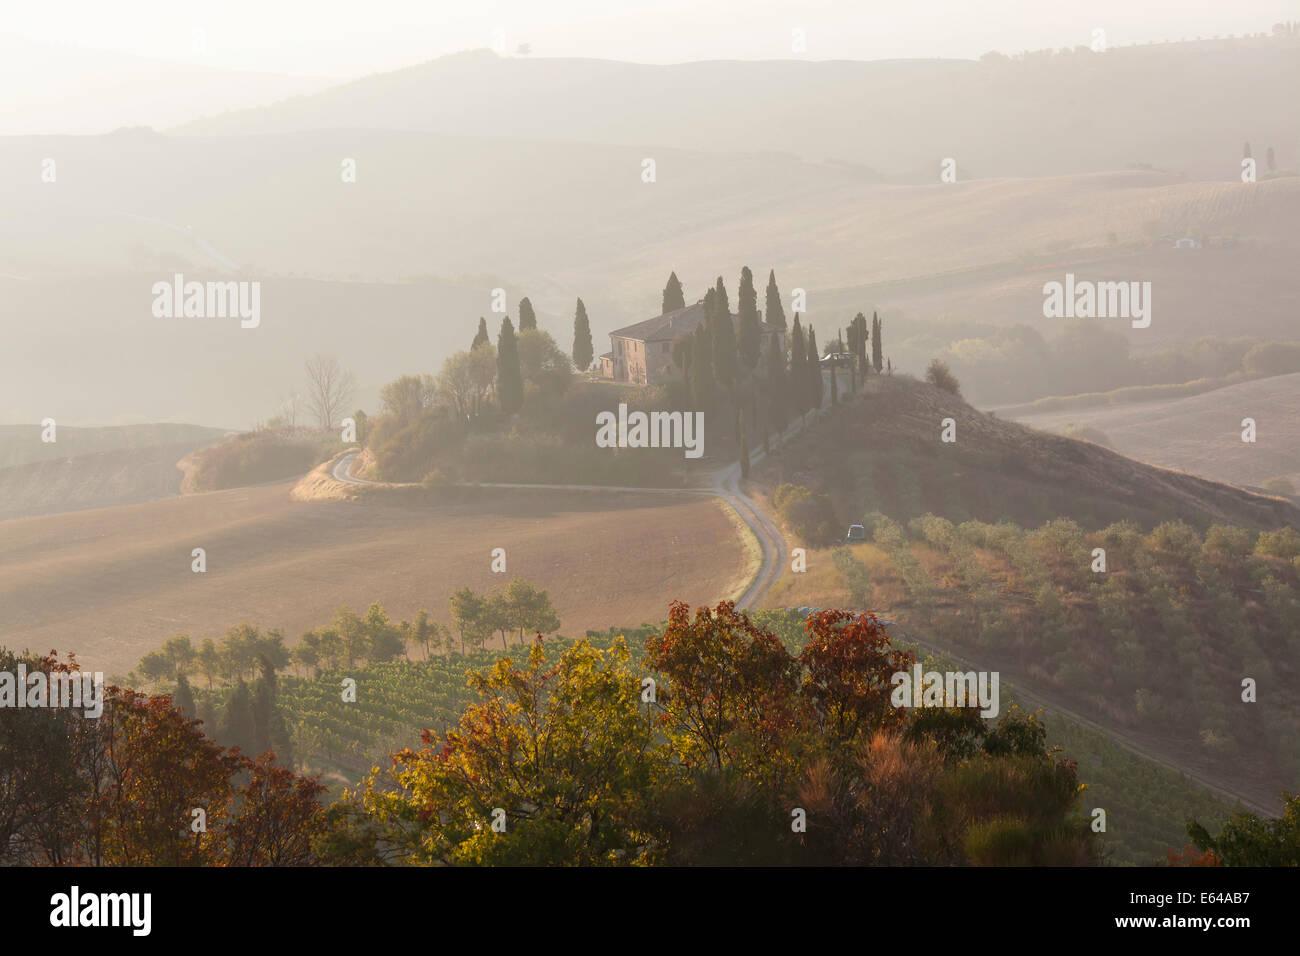 La mattina presto, Val d'Orcia, Toscana, Italia Immagini Stock